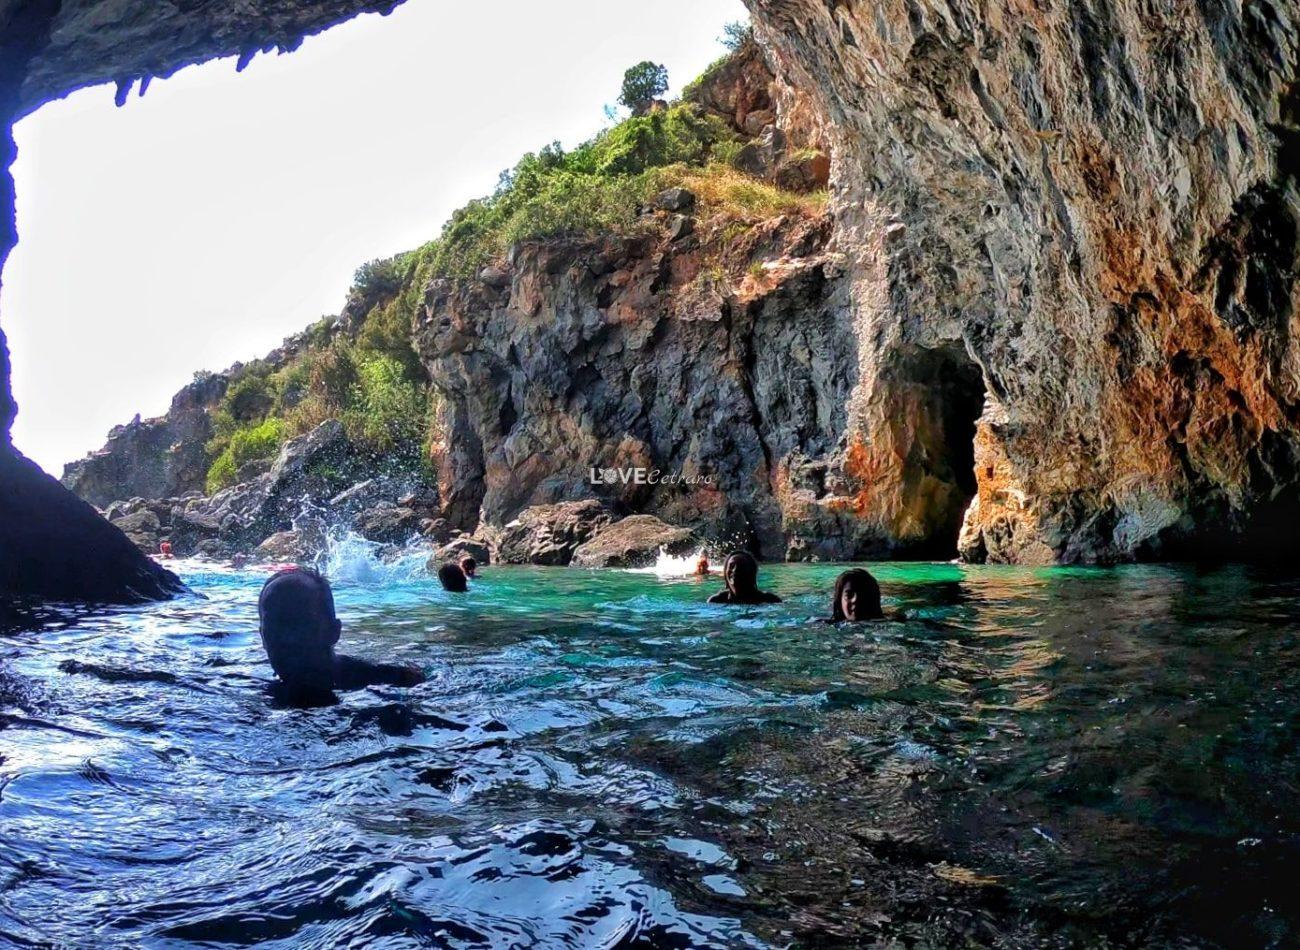 escursione-barca-calabria-scalea-grotta-della-pecora (2)-min